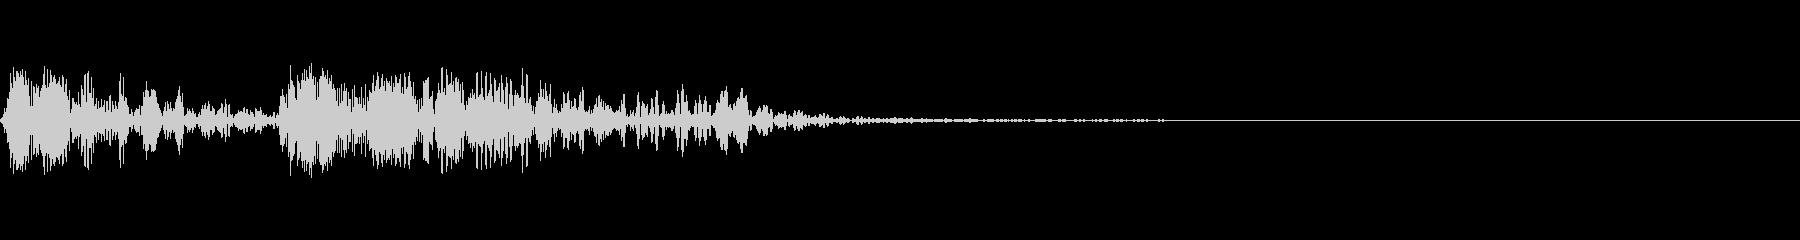 ビープ音が鳴る32の未再生の波形